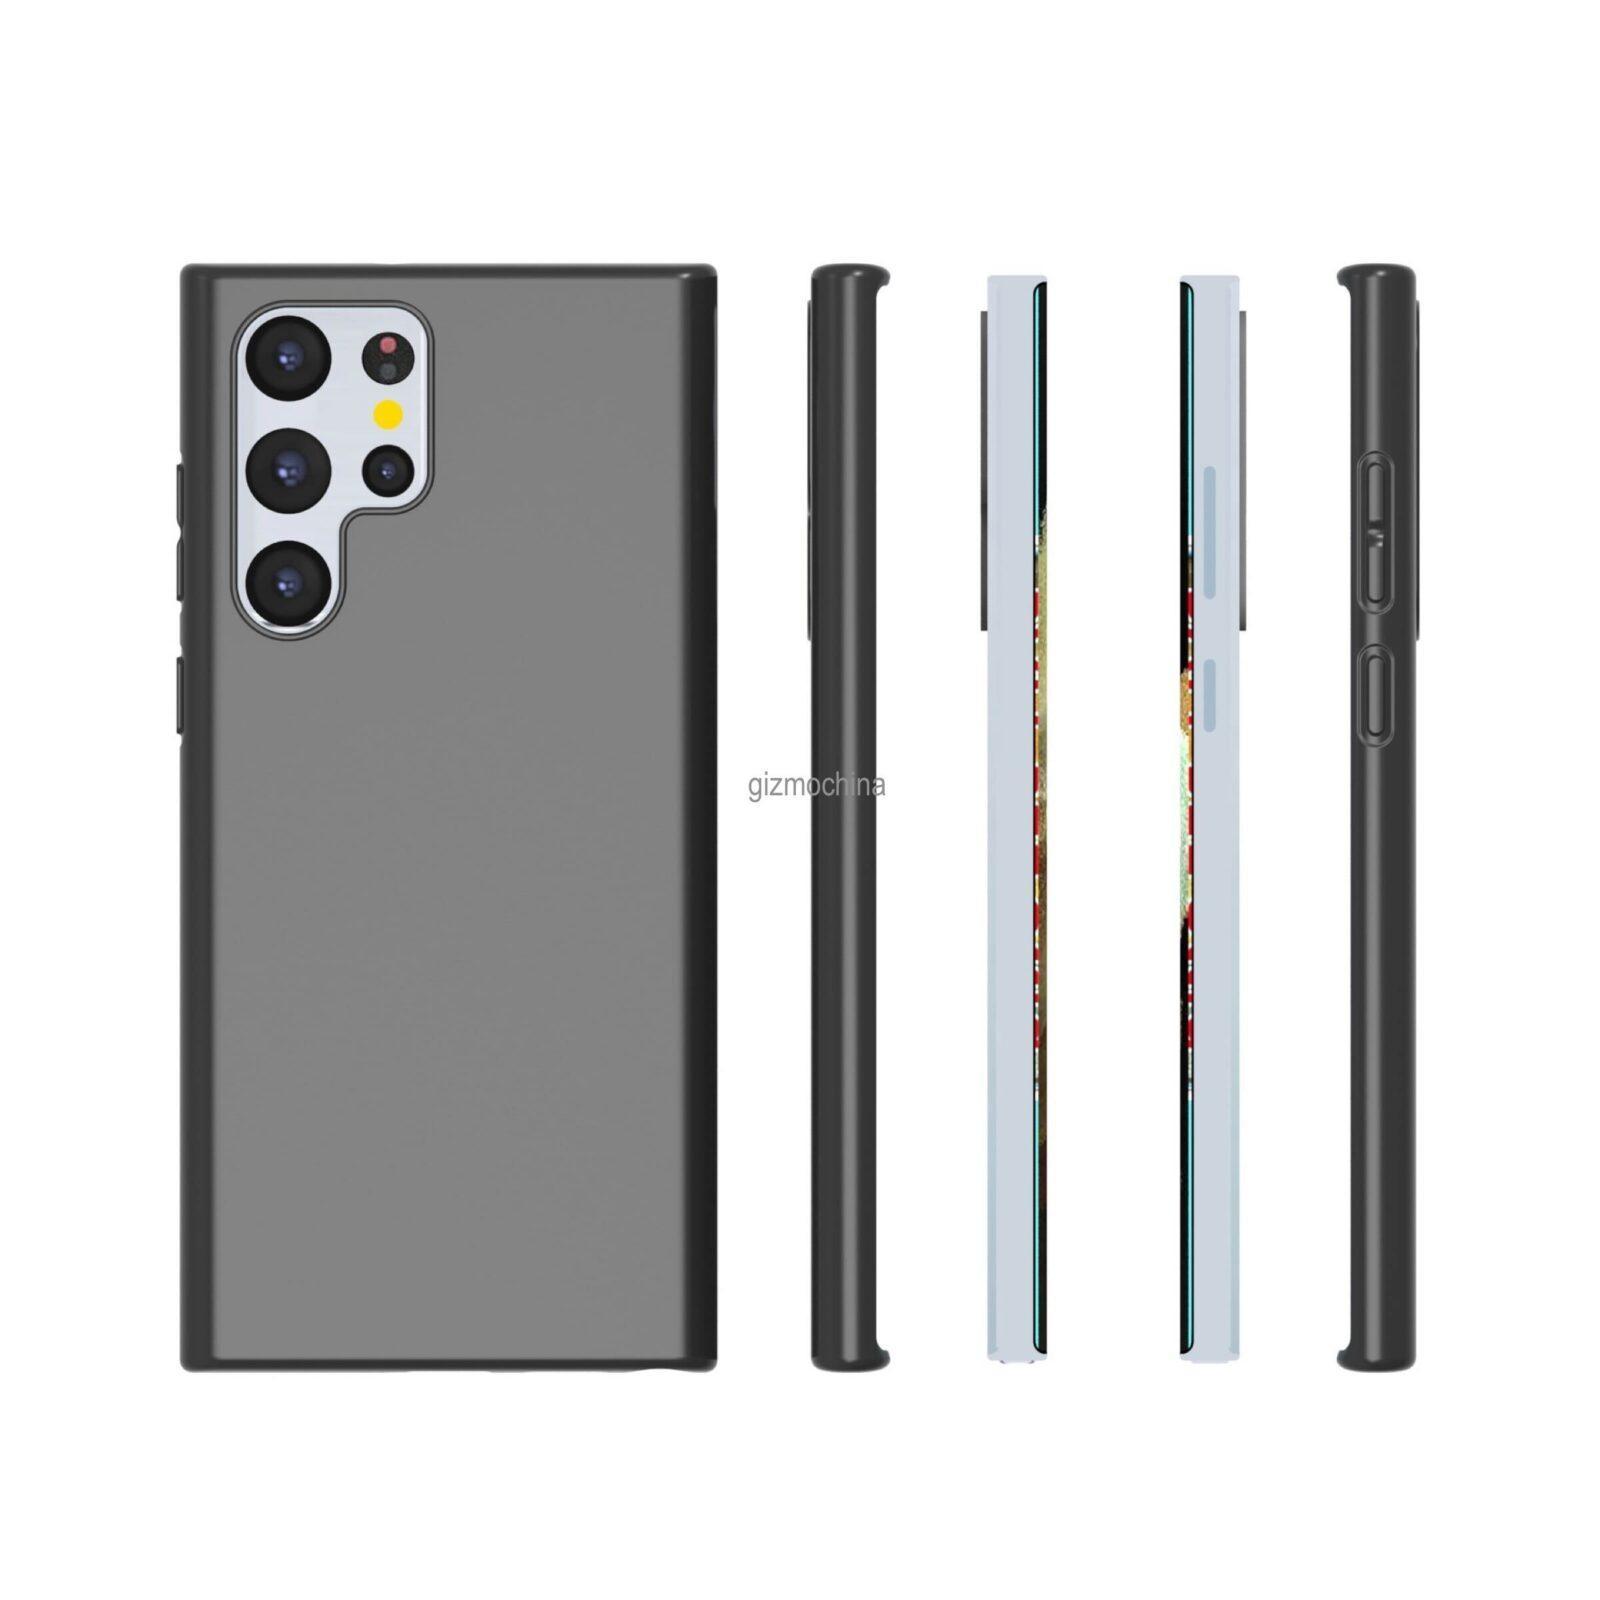 Вот как будет выглядеть флагман Samsung Galaxy S22 Ultra (Galaxy S22 Ultra Case Render 3)